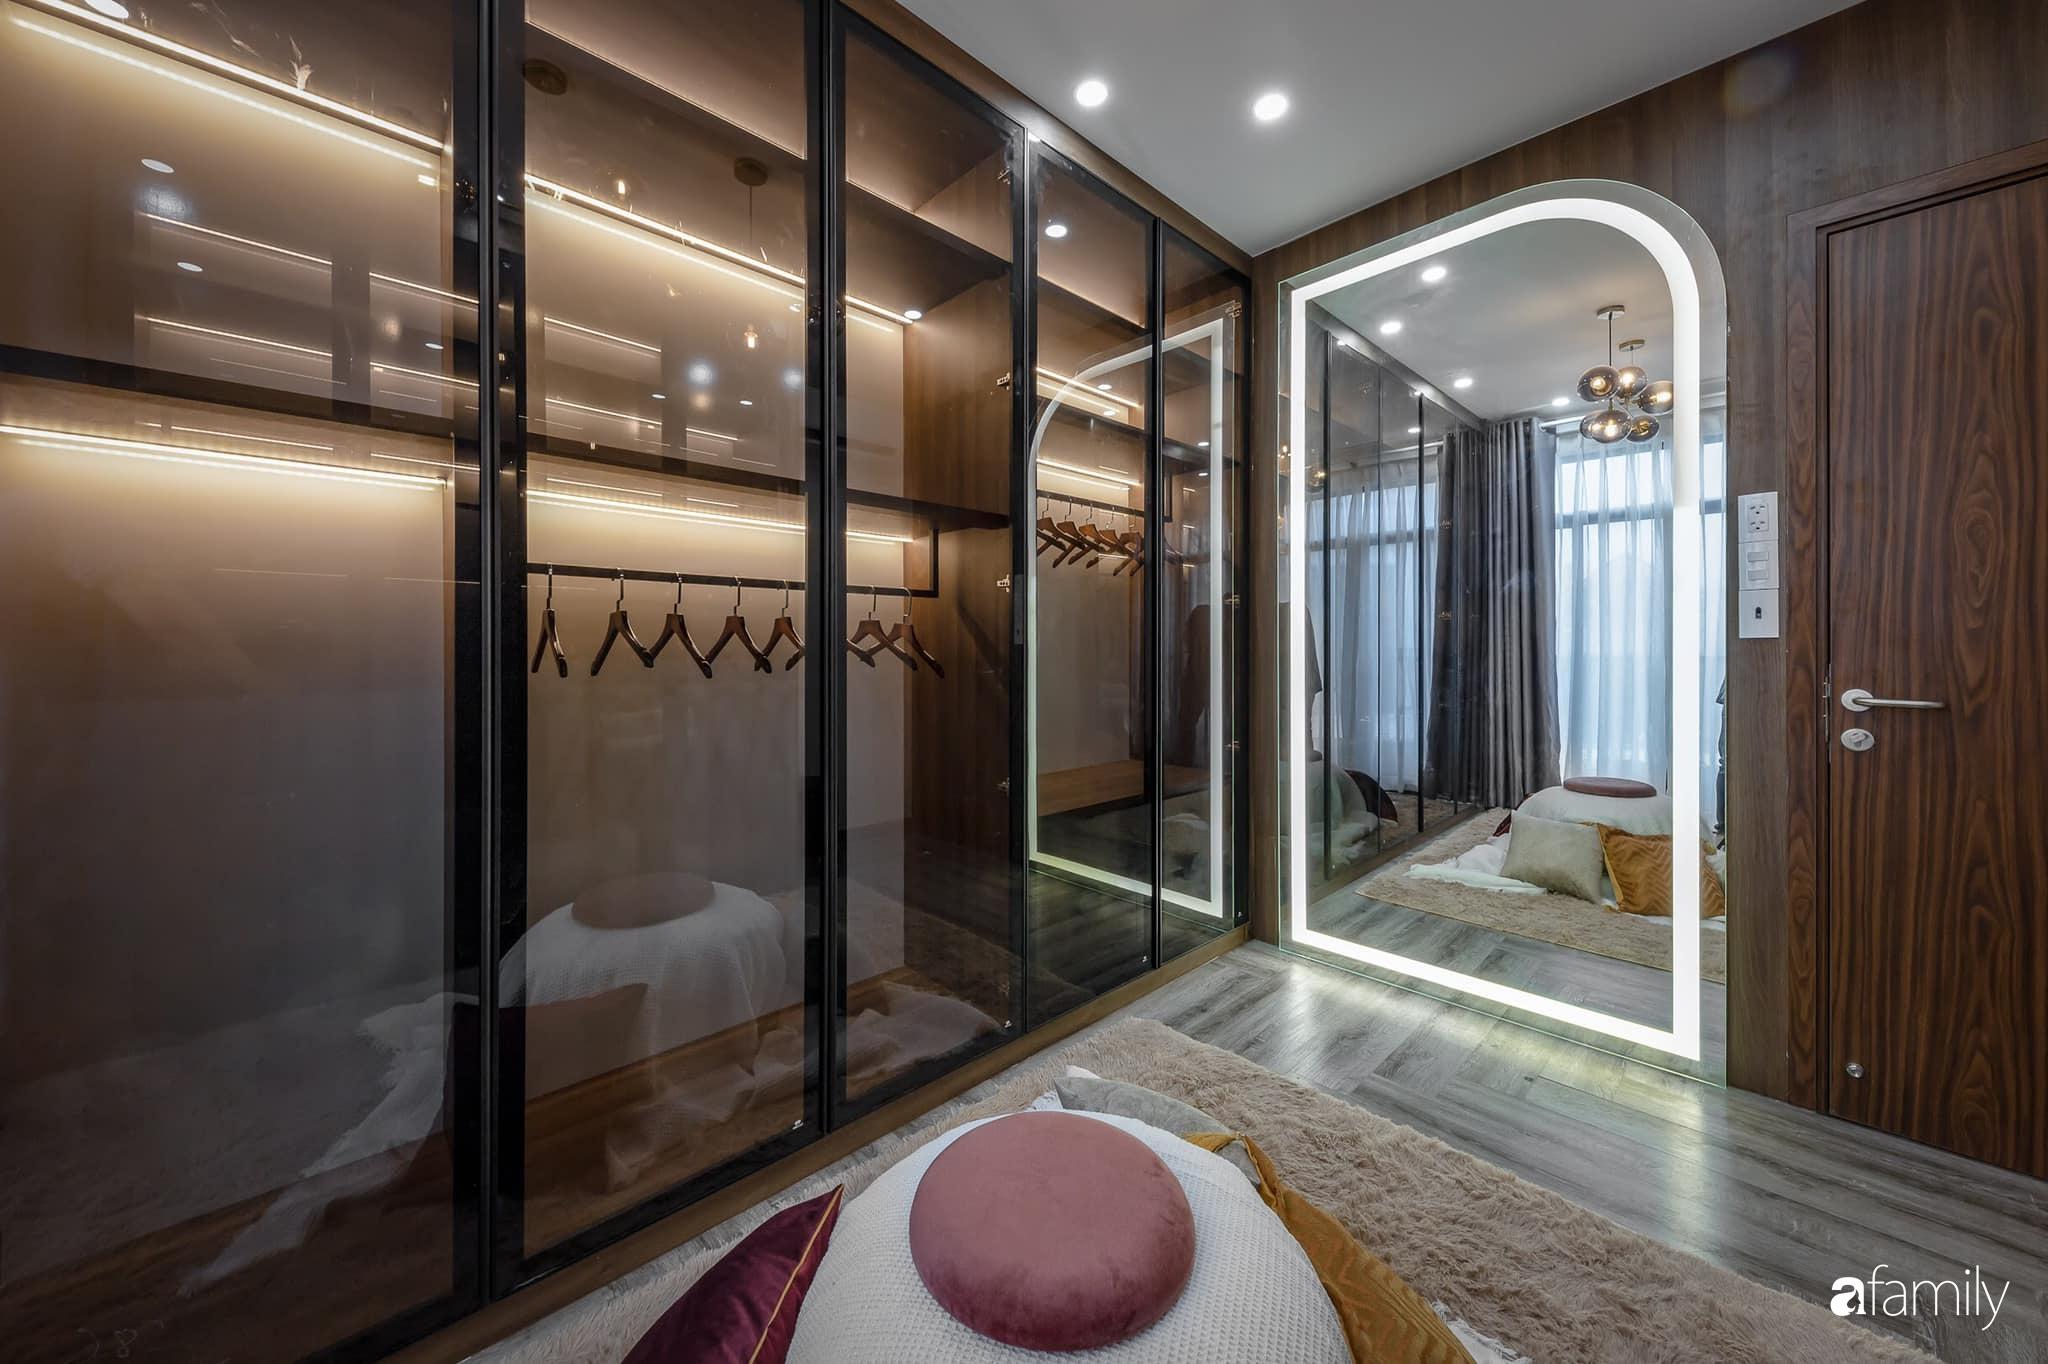 Căn nhà 5 tầng trong hẻm sang chảnh như resort cao cấp với chi phí thiết kế 900 triệu đồng ở TP HCMHCM - Ảnh 16.